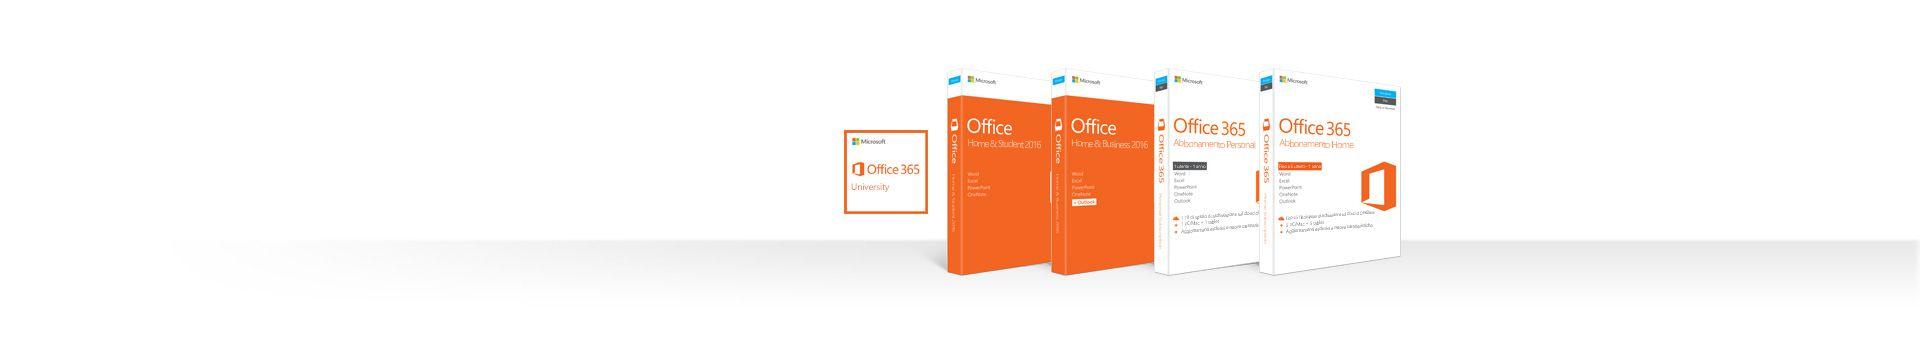 Fila di scatole che rappresentano i prodotti Office su abbonamento o autonomi per Mac